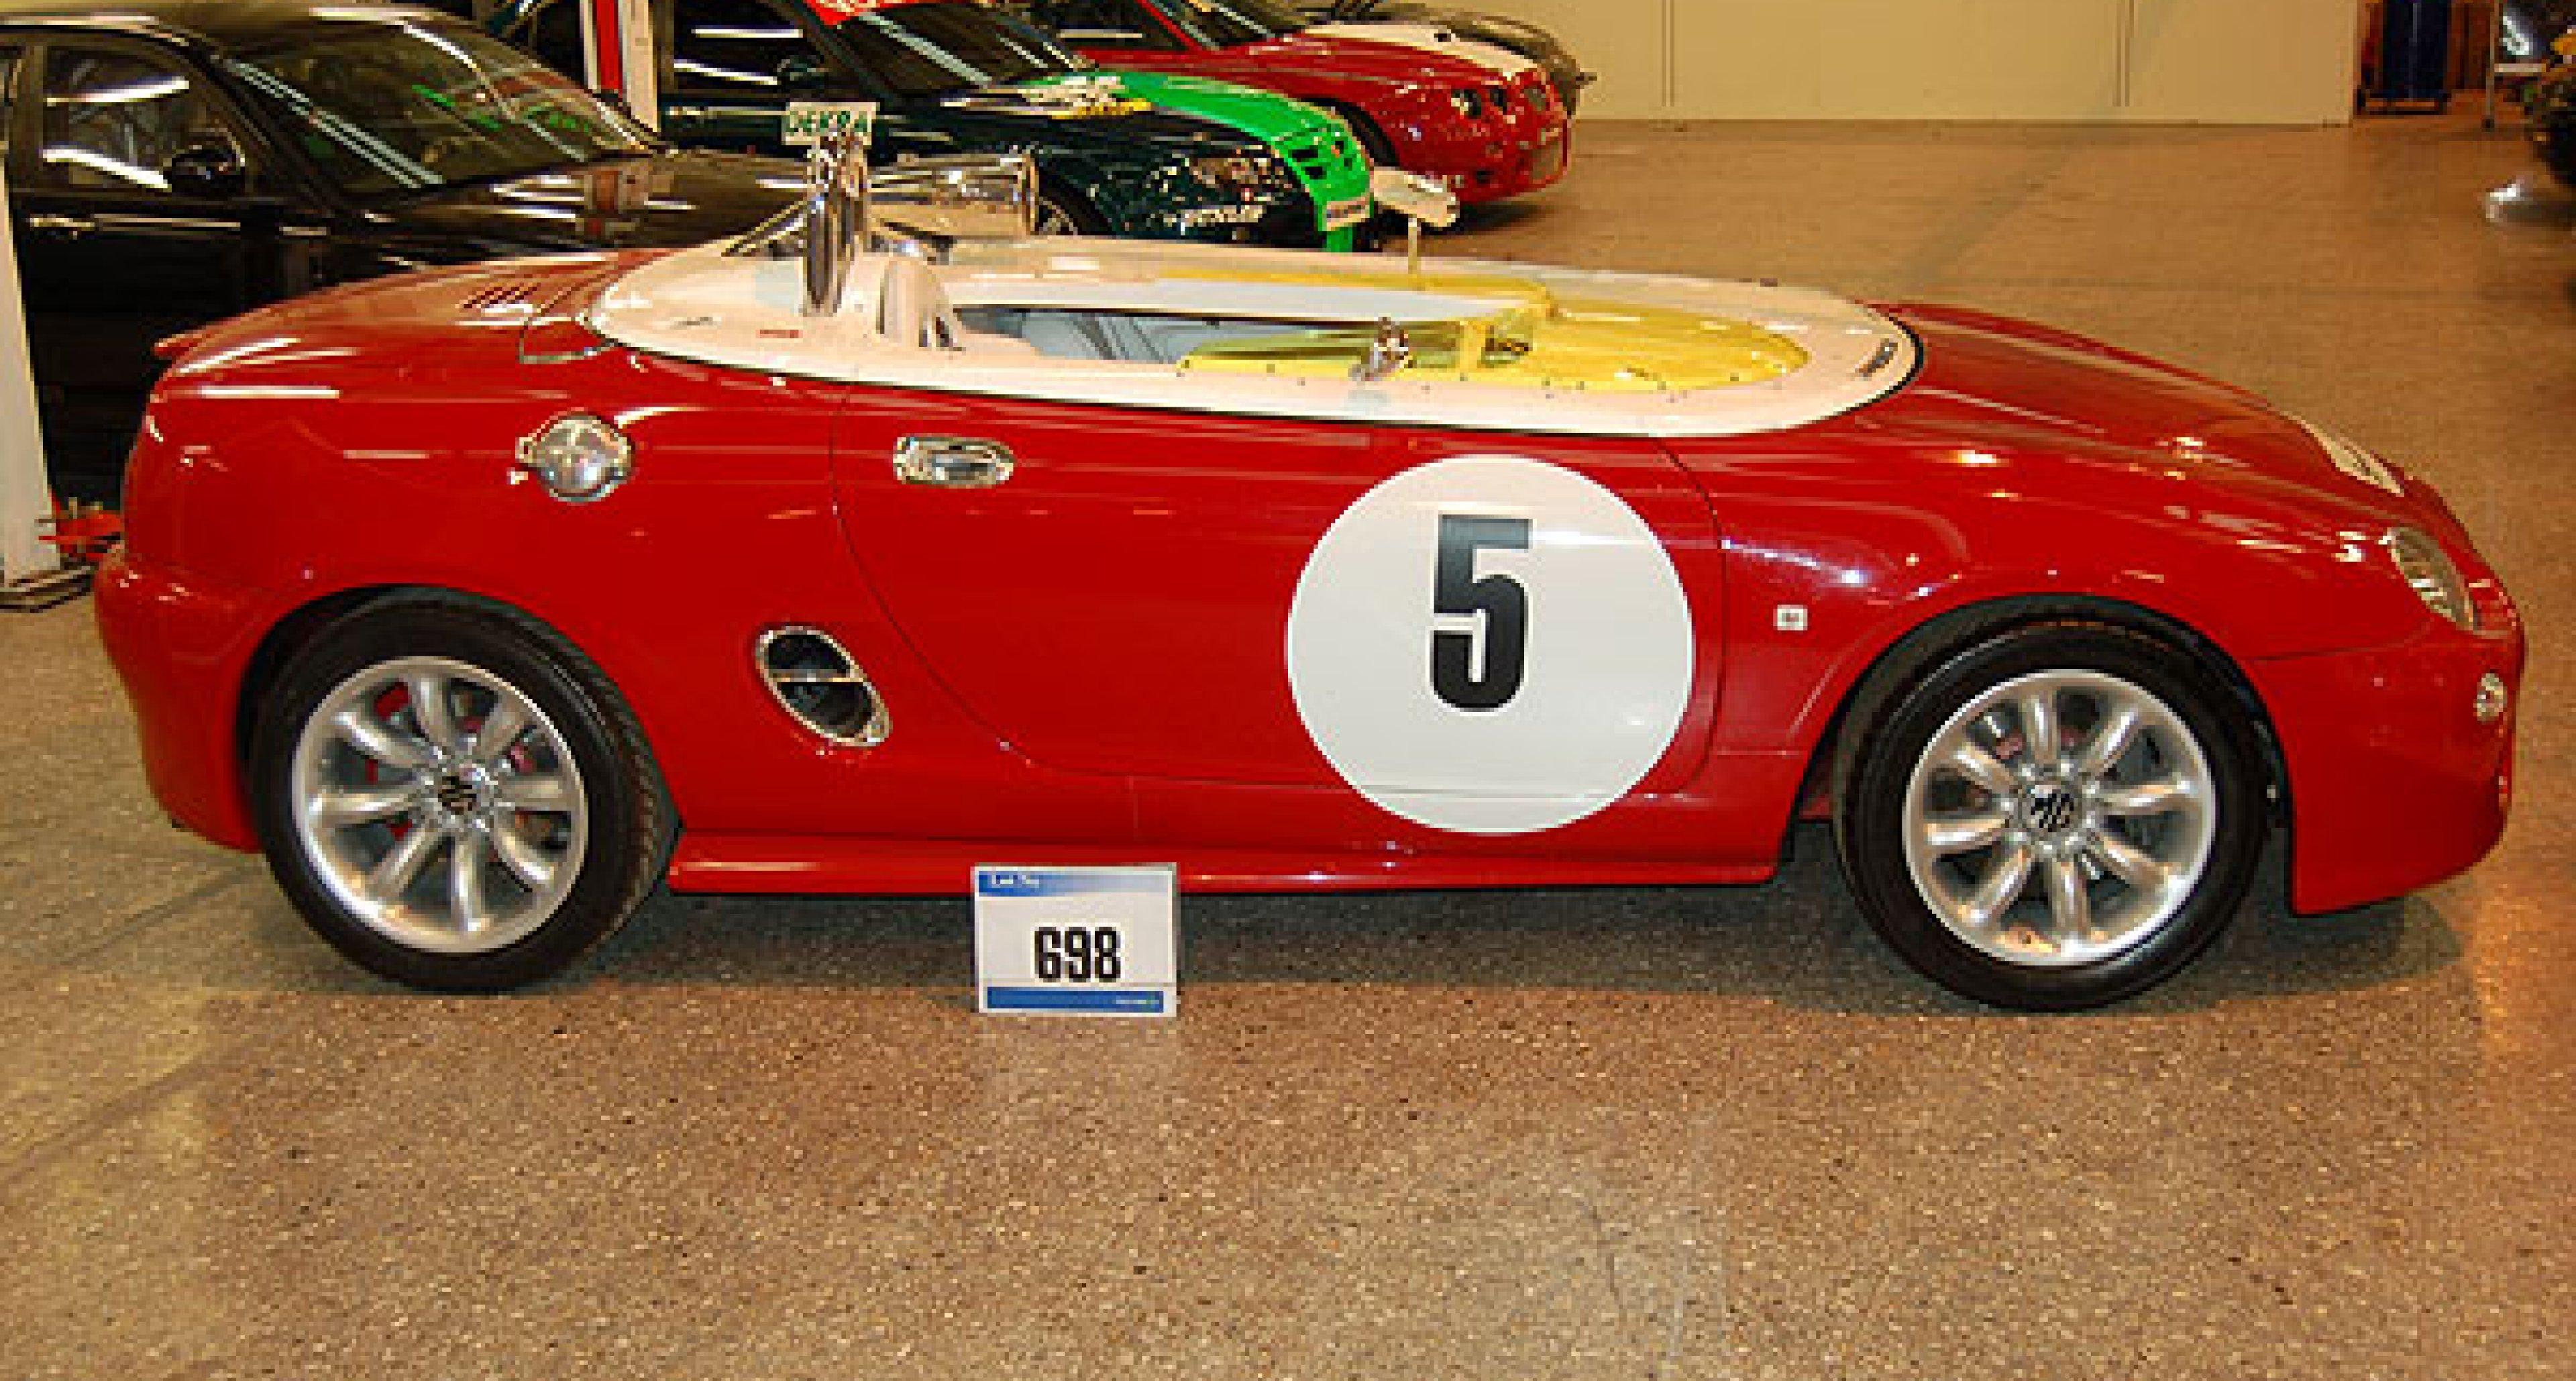 MG Rover Werksauktion 2006: Ausverkauf einer Legende